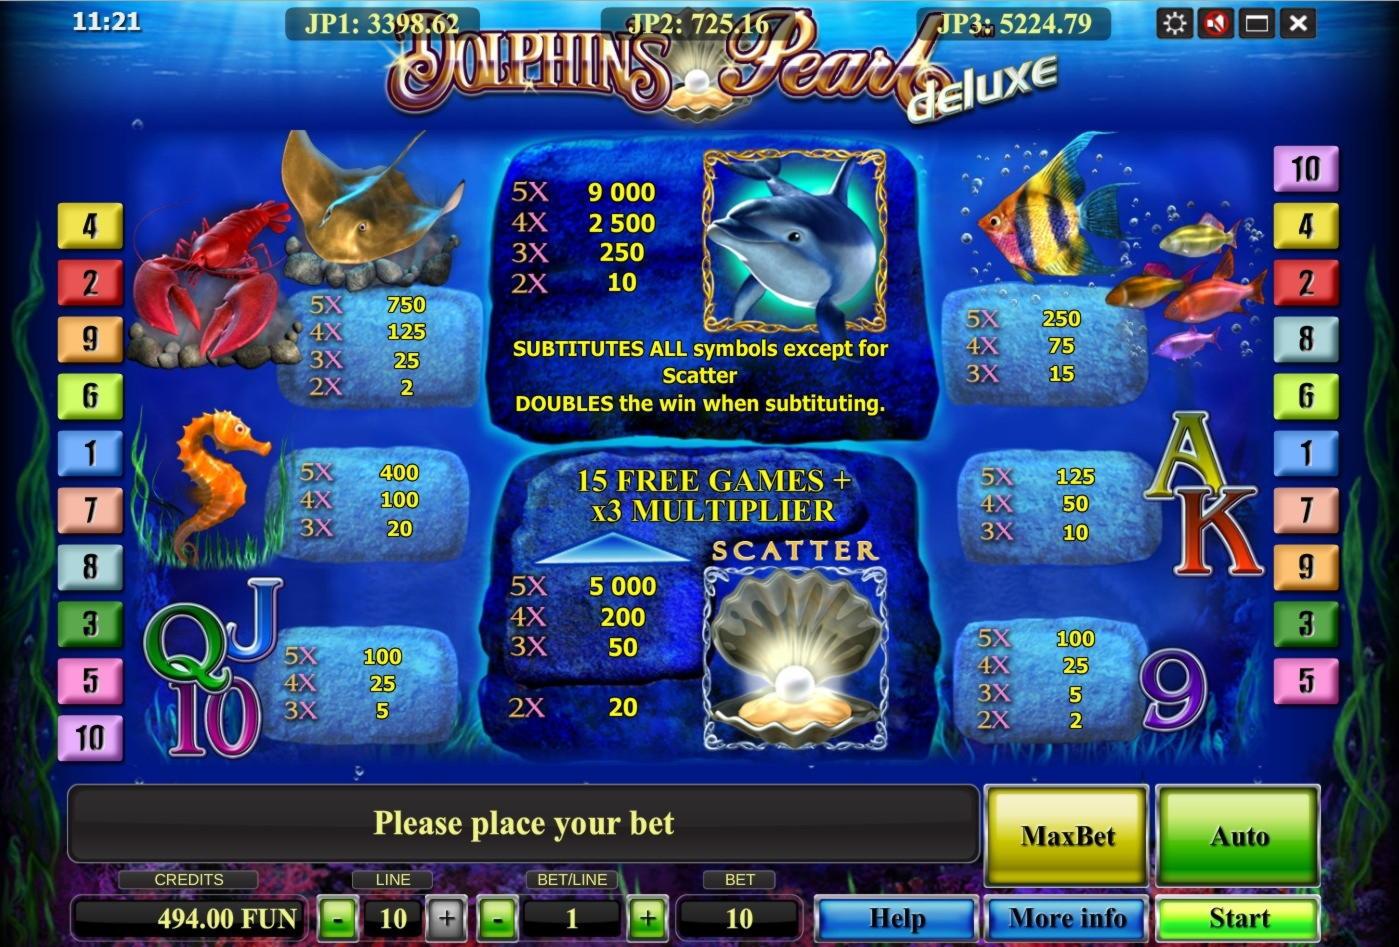 ʻO 340 no ka waihona waiwai casino i ka Casino Casino